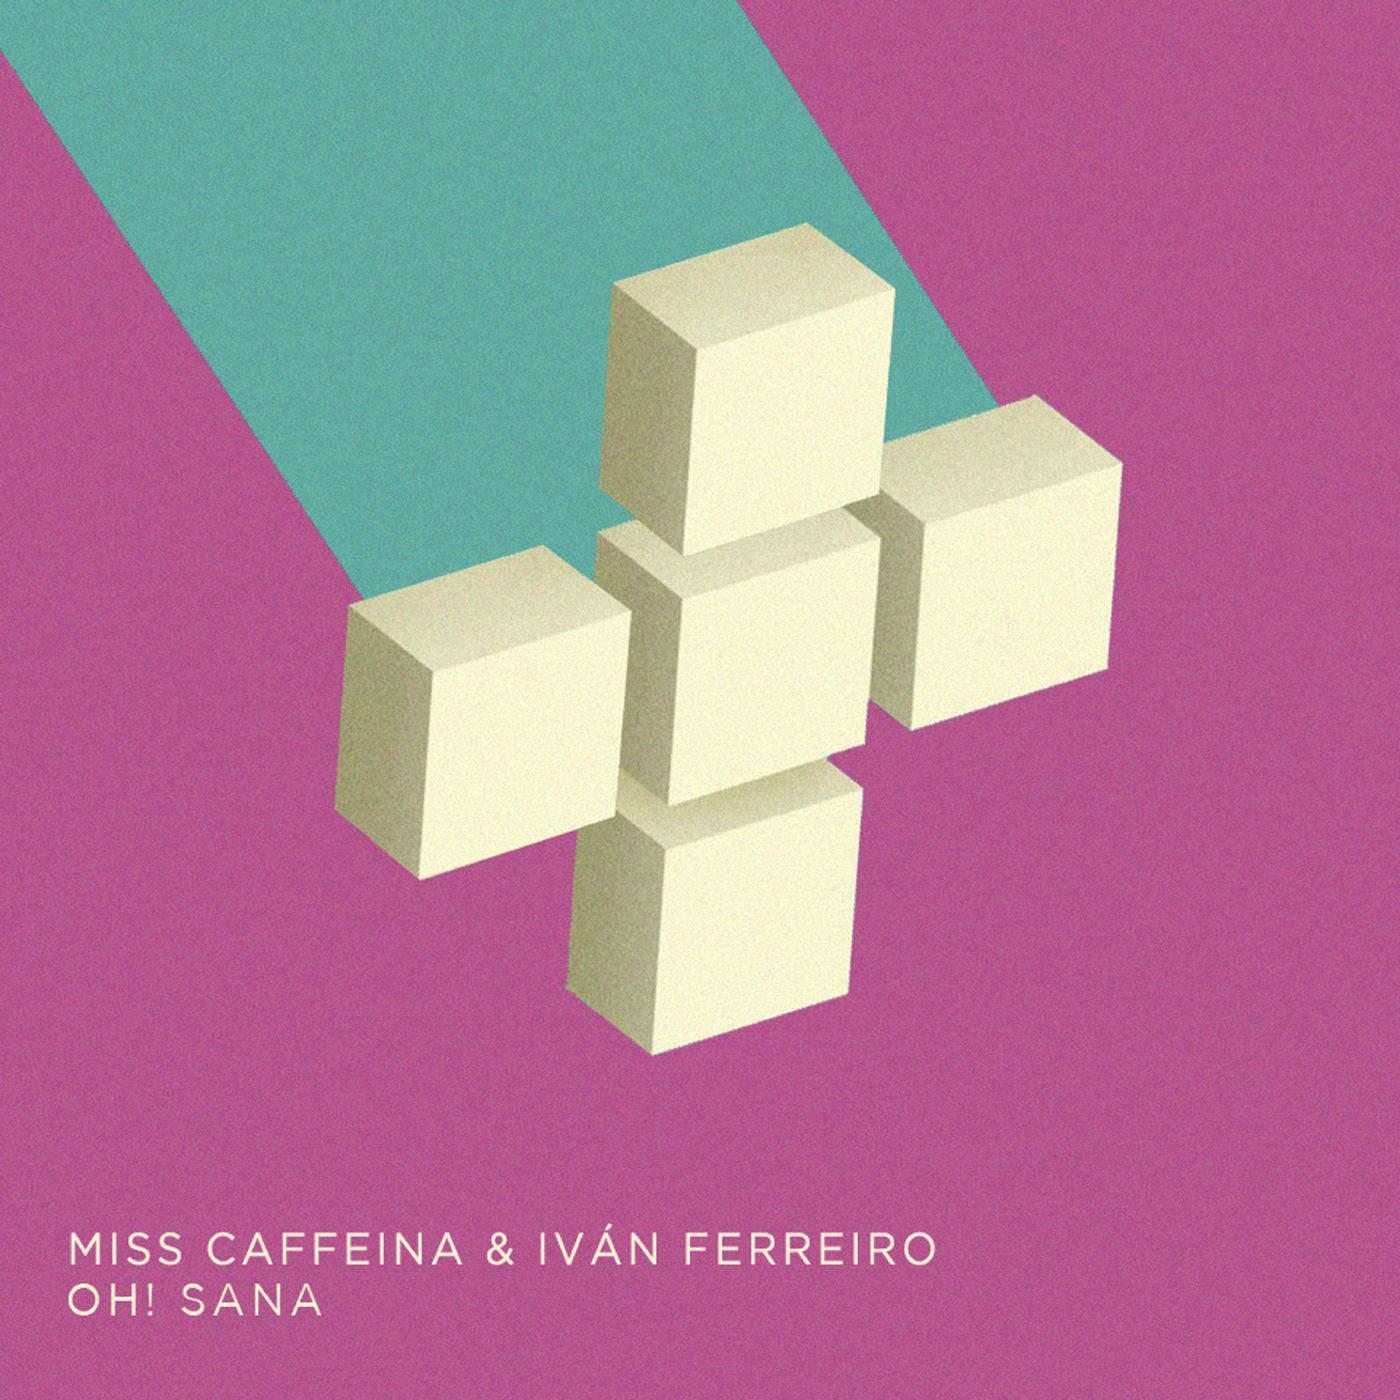 Oh! Sana (Single) - Miss Caffeina